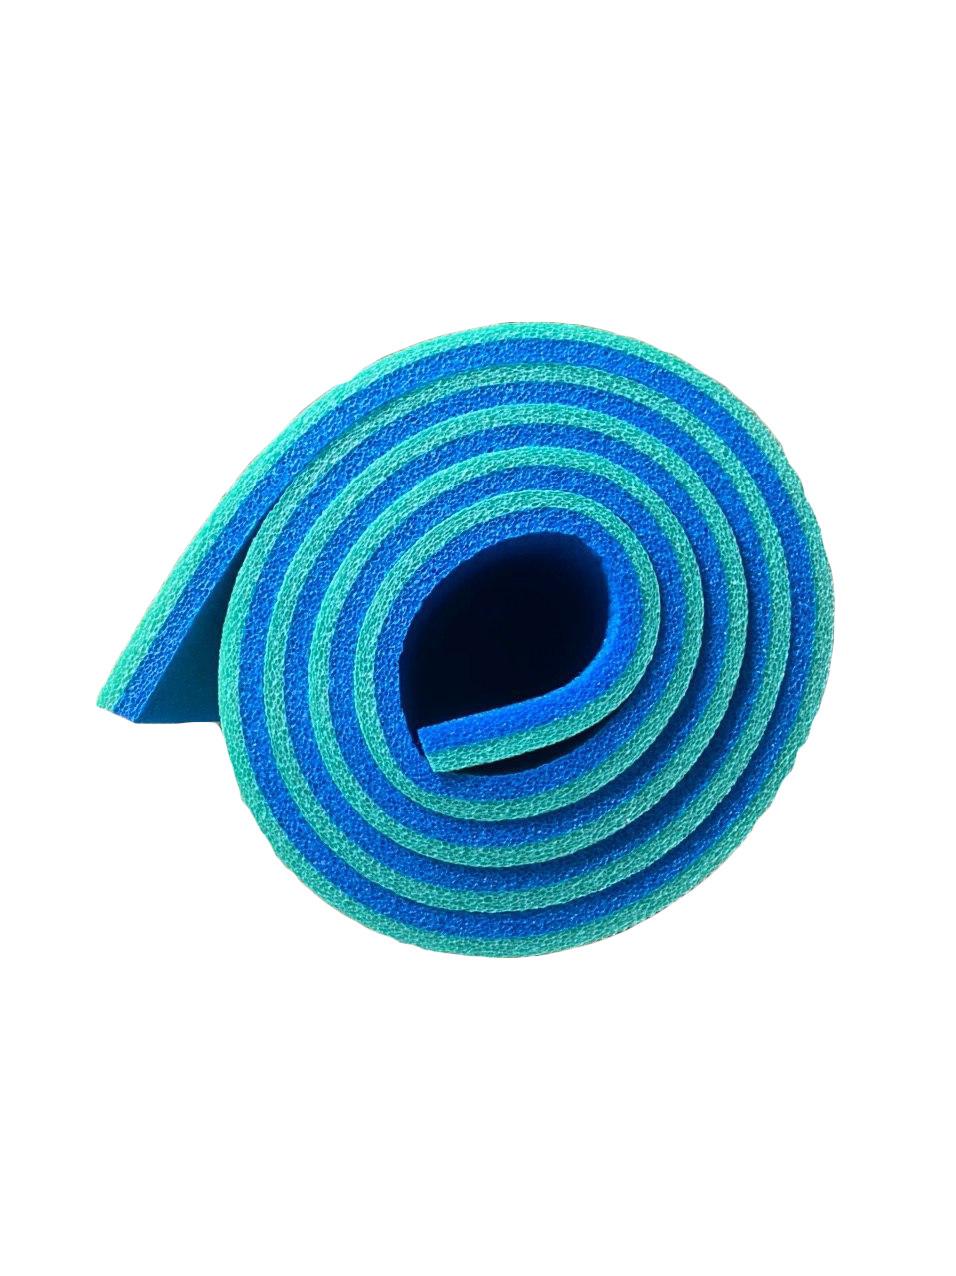 Каремат сине-зеленый, двуслойный, двуцветный т. 10 мм, размер 60х180 см, Производитель Украина, TERMOIZOL®